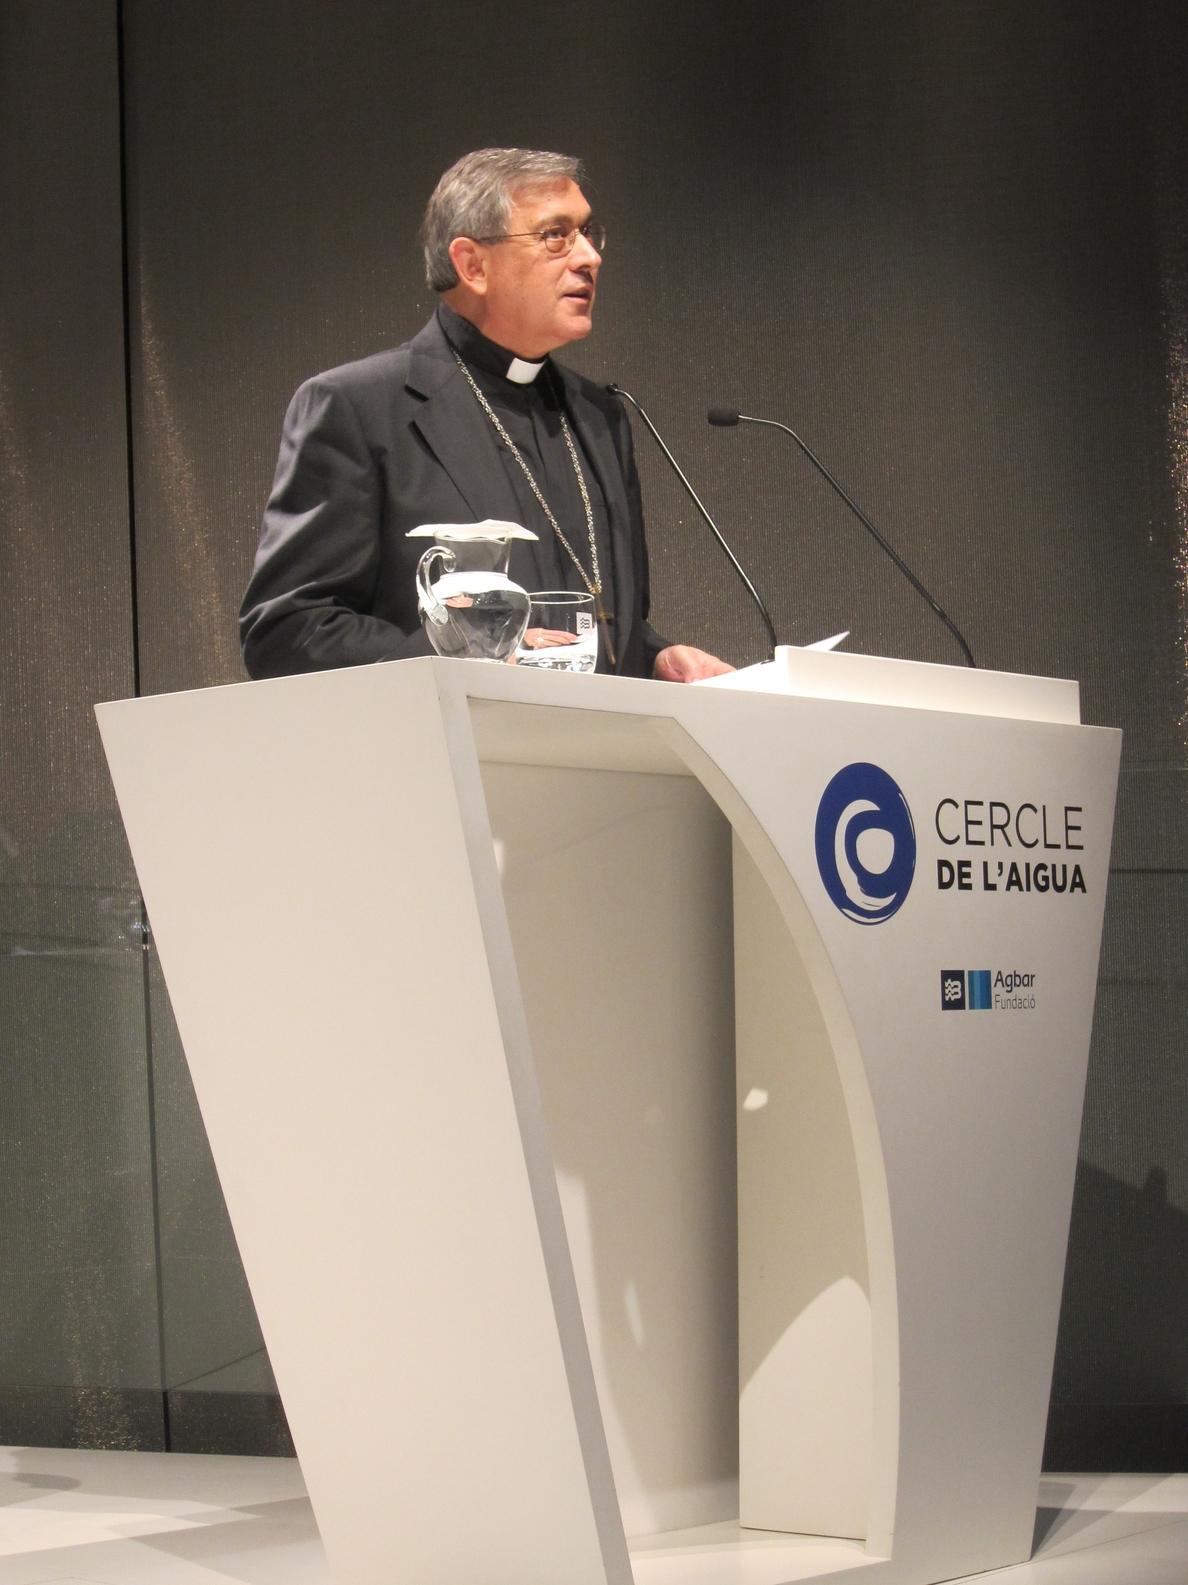 El abad de Montserrat defiende la consulta amparándose en la doctrina social de la Iglesia